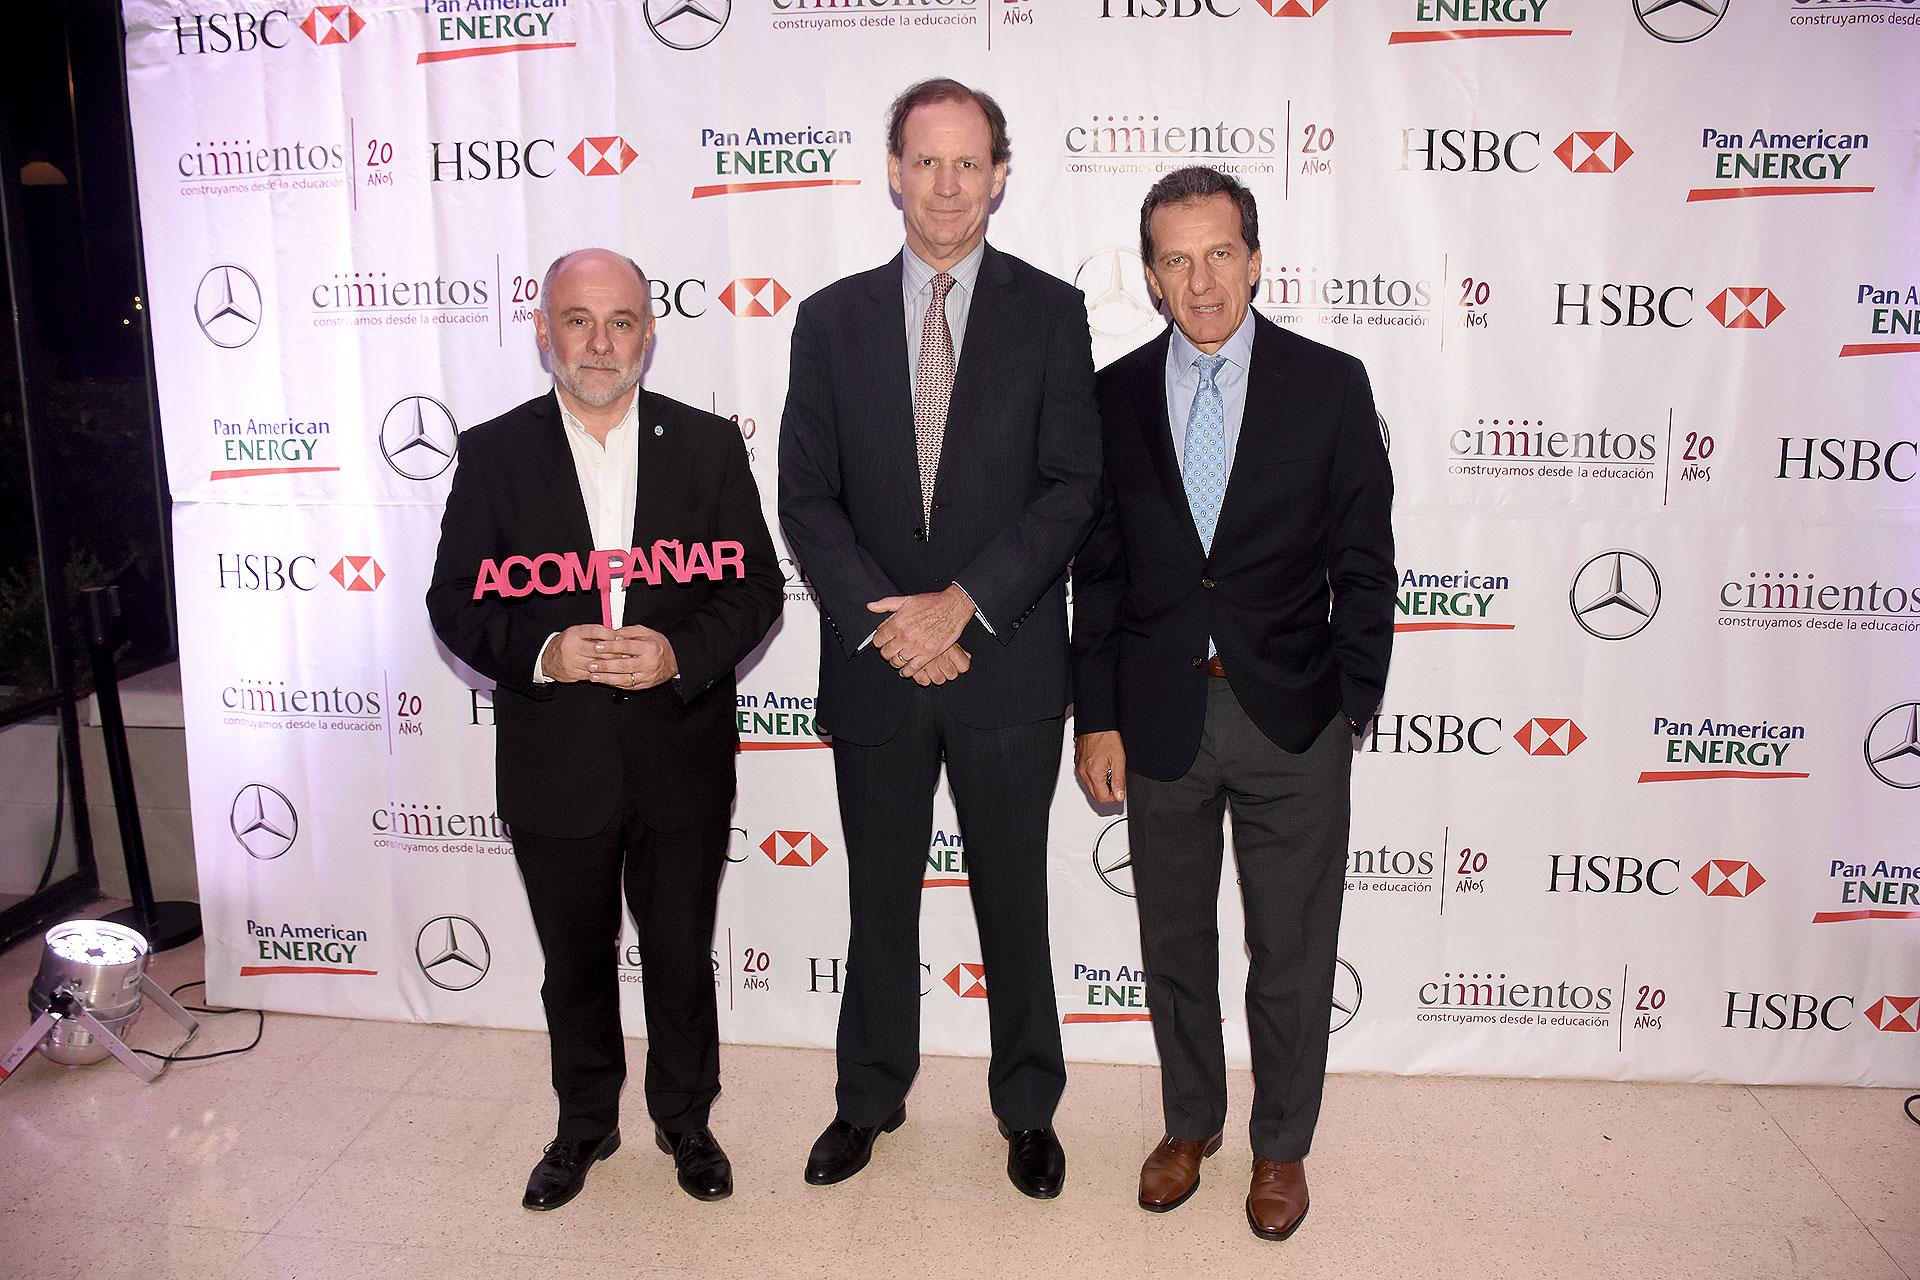 El titular de la Dirección General de Escuelas, Jaime Correas, junto a Miguel Blaquier y Atilio Dell'Oro Maini, director del Grupo Supervielle